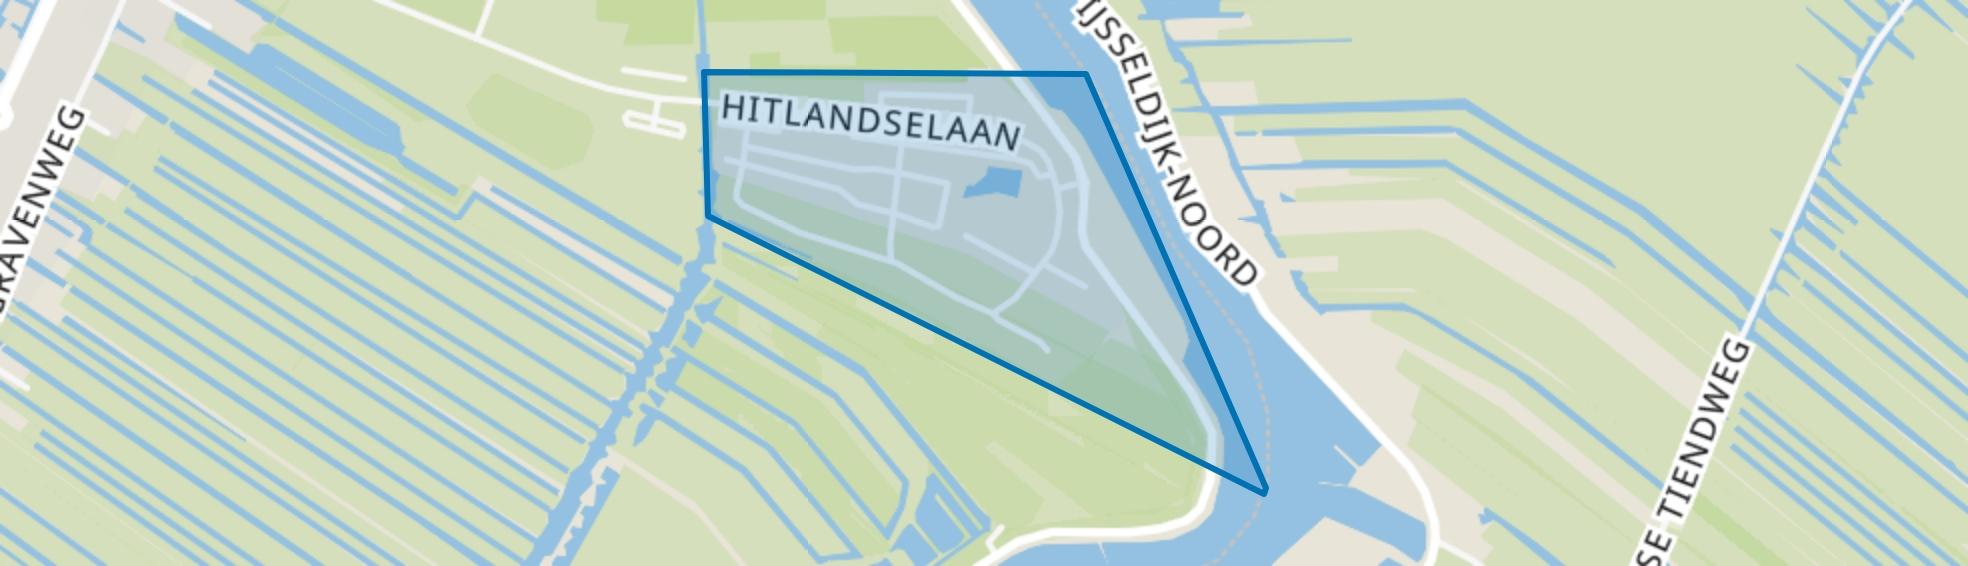 Recreatiepark Klein Hitland, Nieuwerkerk aan den IJssel map